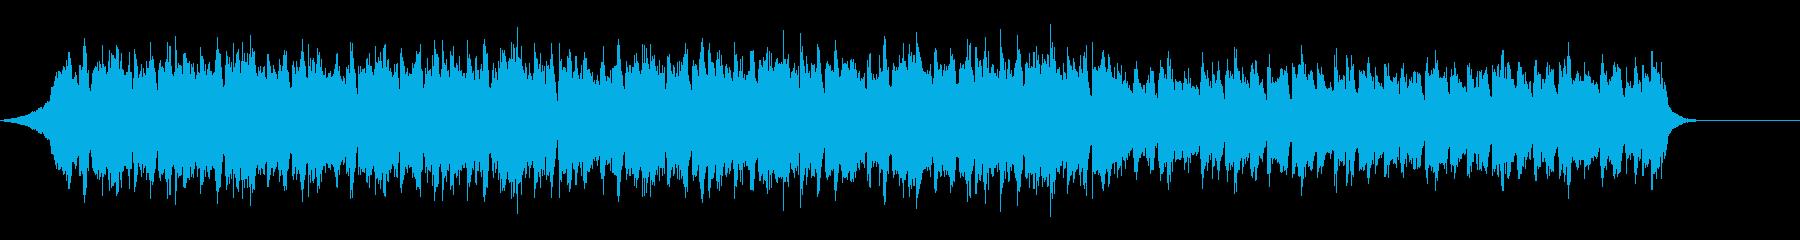 情報番組<60秒CM>アクティブスポーツの再生済みの波形